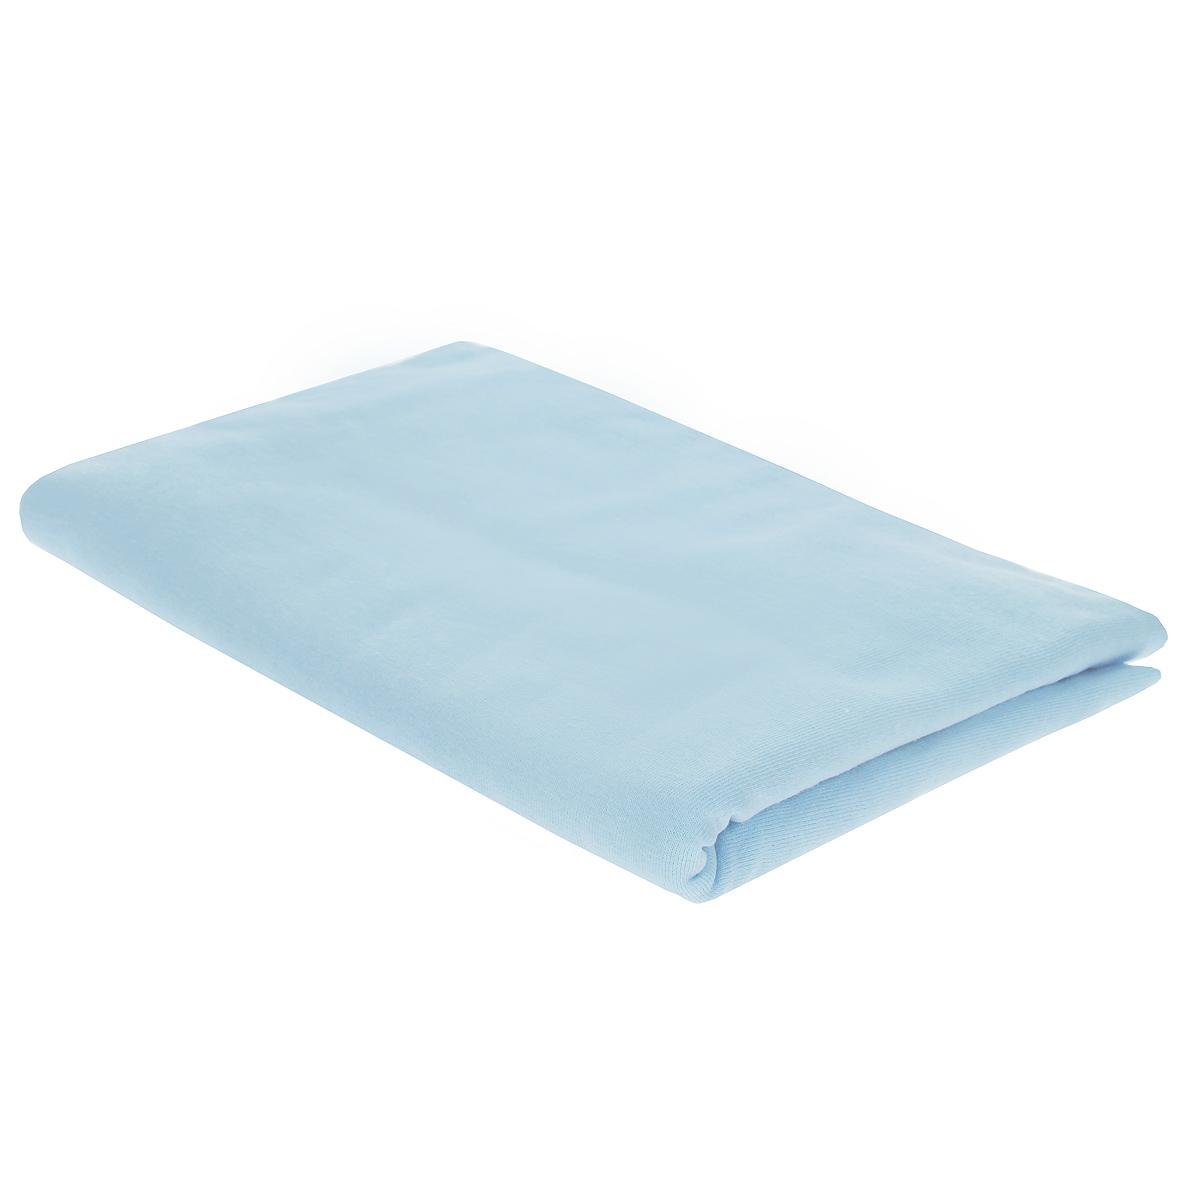 Пеленка трикотажная Трон-Плюс, цвет: голубой, 120 см х 90 см1148Детская пеленка Трон-Плюс подходит для пеленания ребенка с самого рождения. Она невероятно мягкая и нежная на ощупь. Пеленка выполнена из кулирки - тонкого трикотажного материала из хлопка гладкого покроя. Такая ткань прекрасно дышит, она гипоаллергенна, почти не мнется и не теряет формы после стирки. Мягкая ткань укутывает малыша с необычайной нежностью. Пеленку также можно использовать как легкое одеяло в жаркую погоду, простынку, полотенце после купания, накидку для кормления грудью или солнцезащитный козырек. Ее размер подходит для пеленания даже крупного малыша. Характеристики:Размер пеленки: 120 см x 90 см.